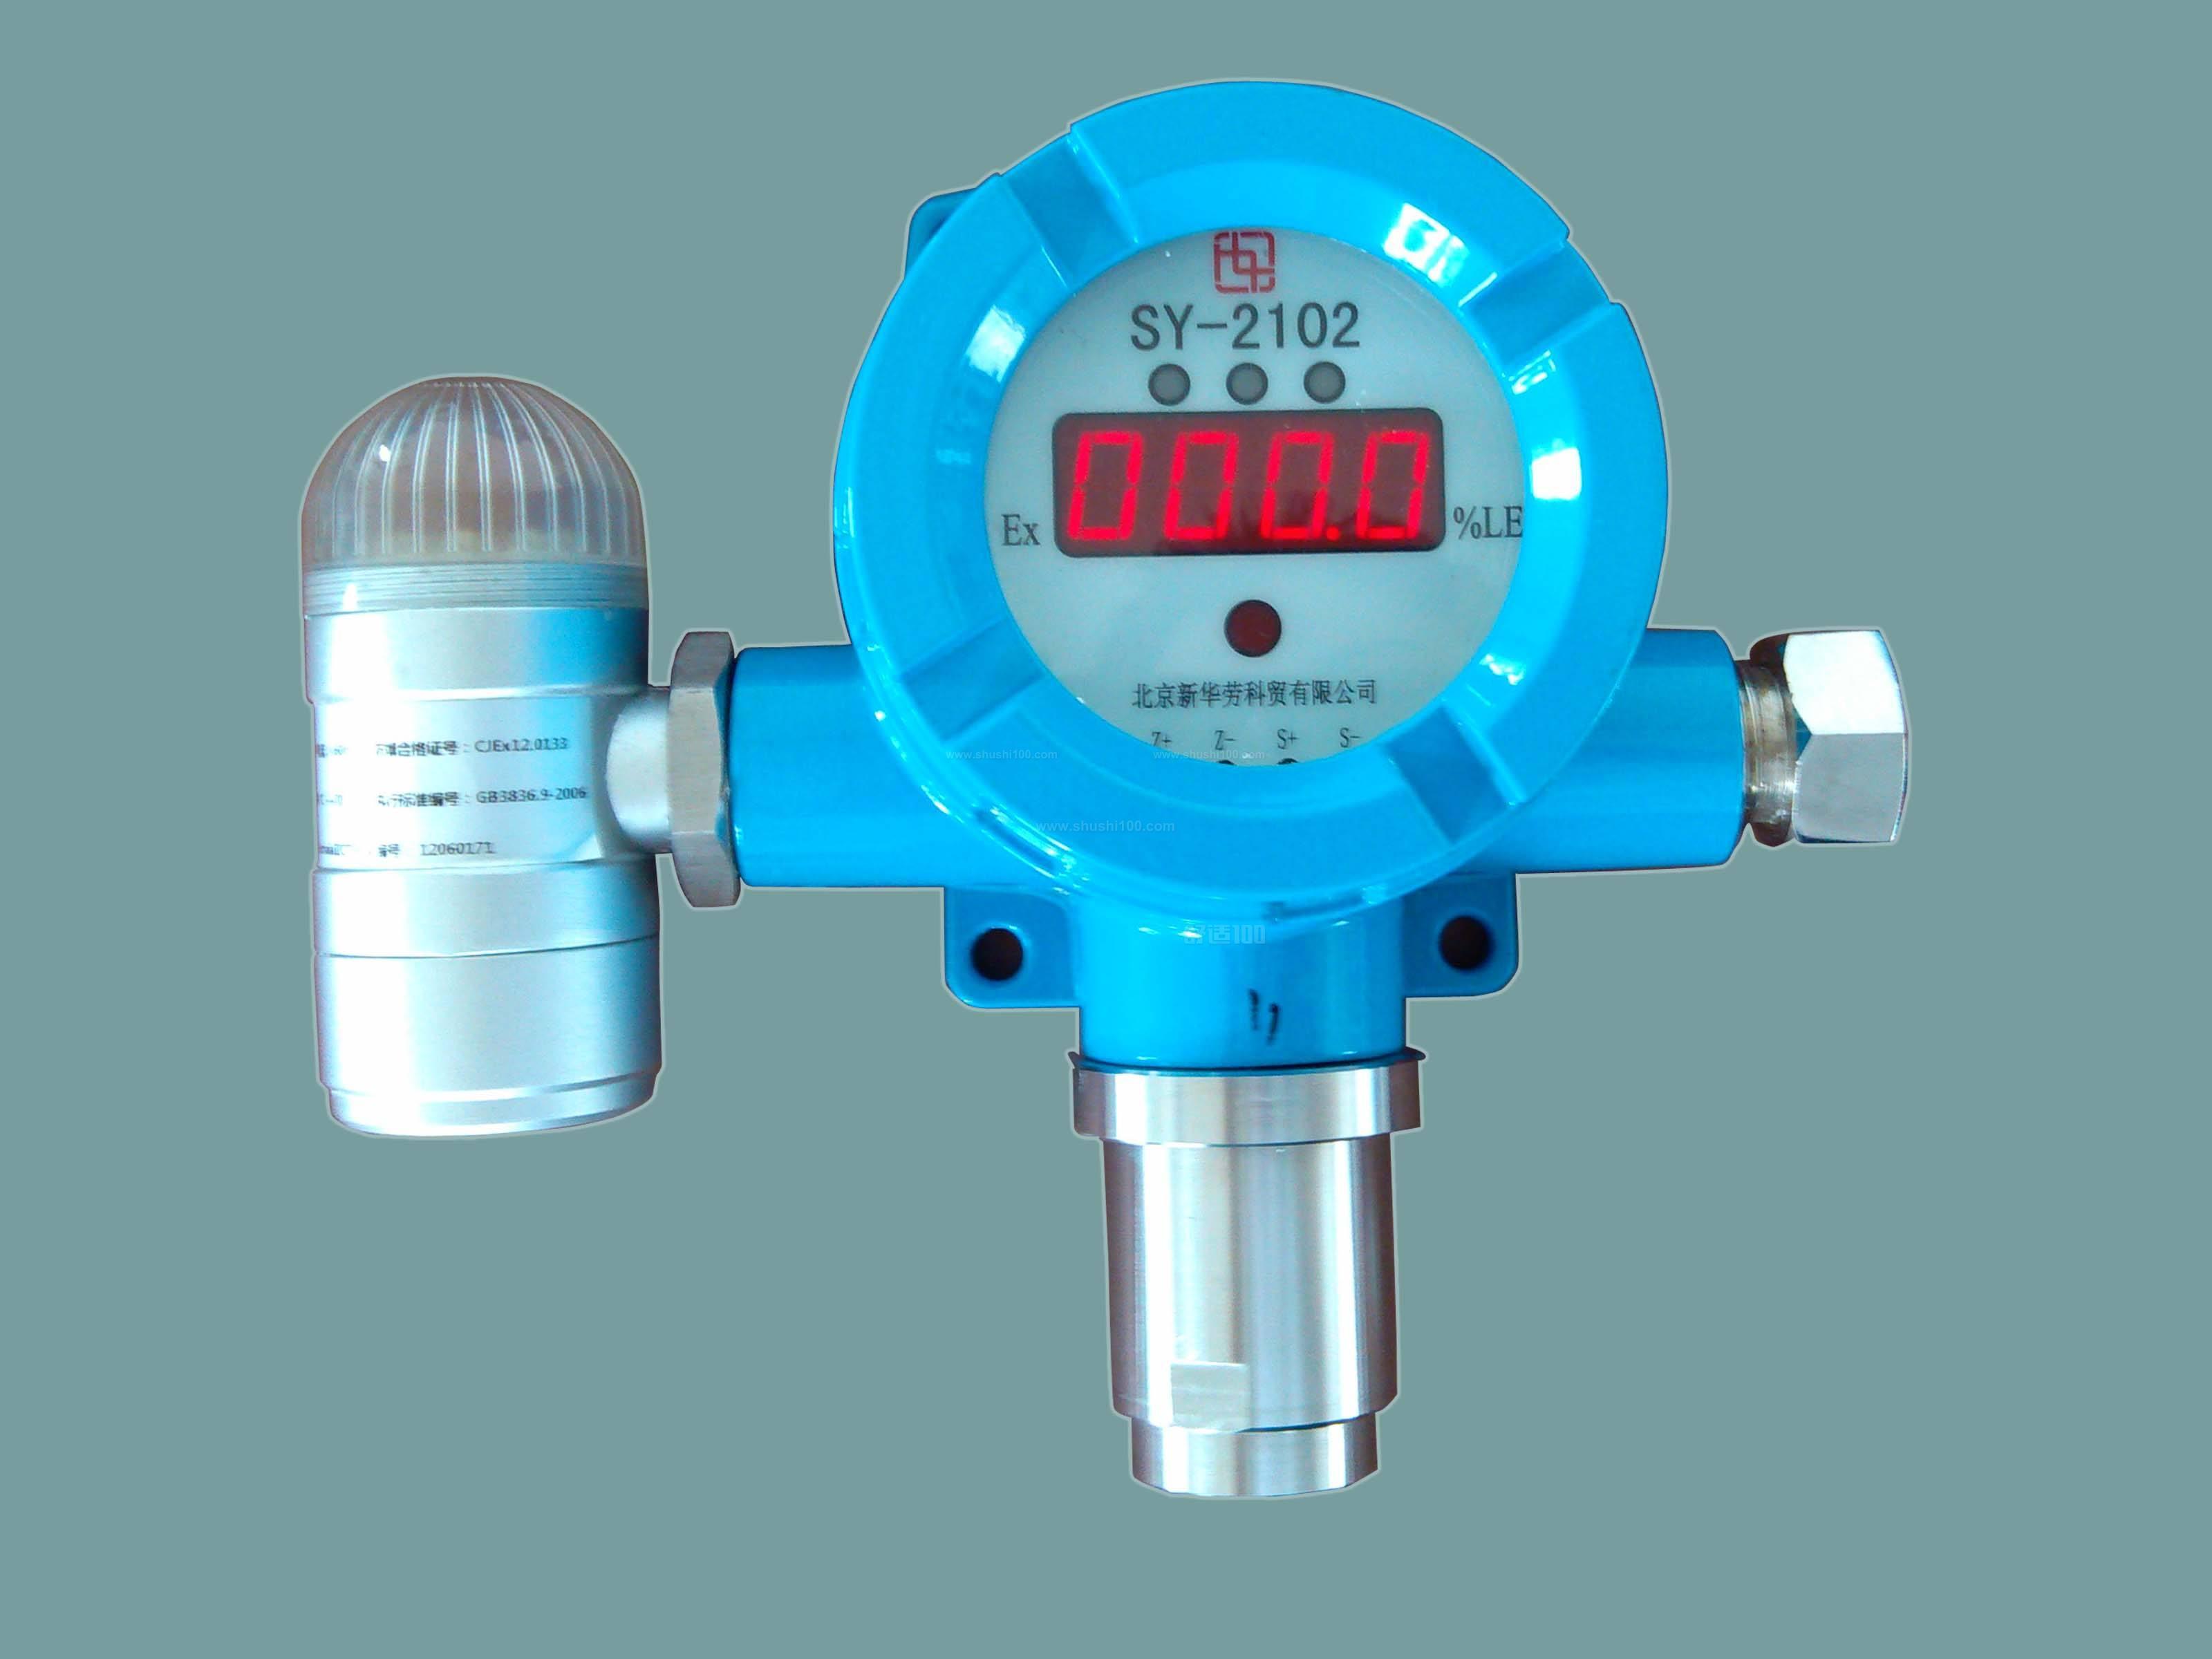 可燃性气体探测器—可燃性气体探测器的好品牌